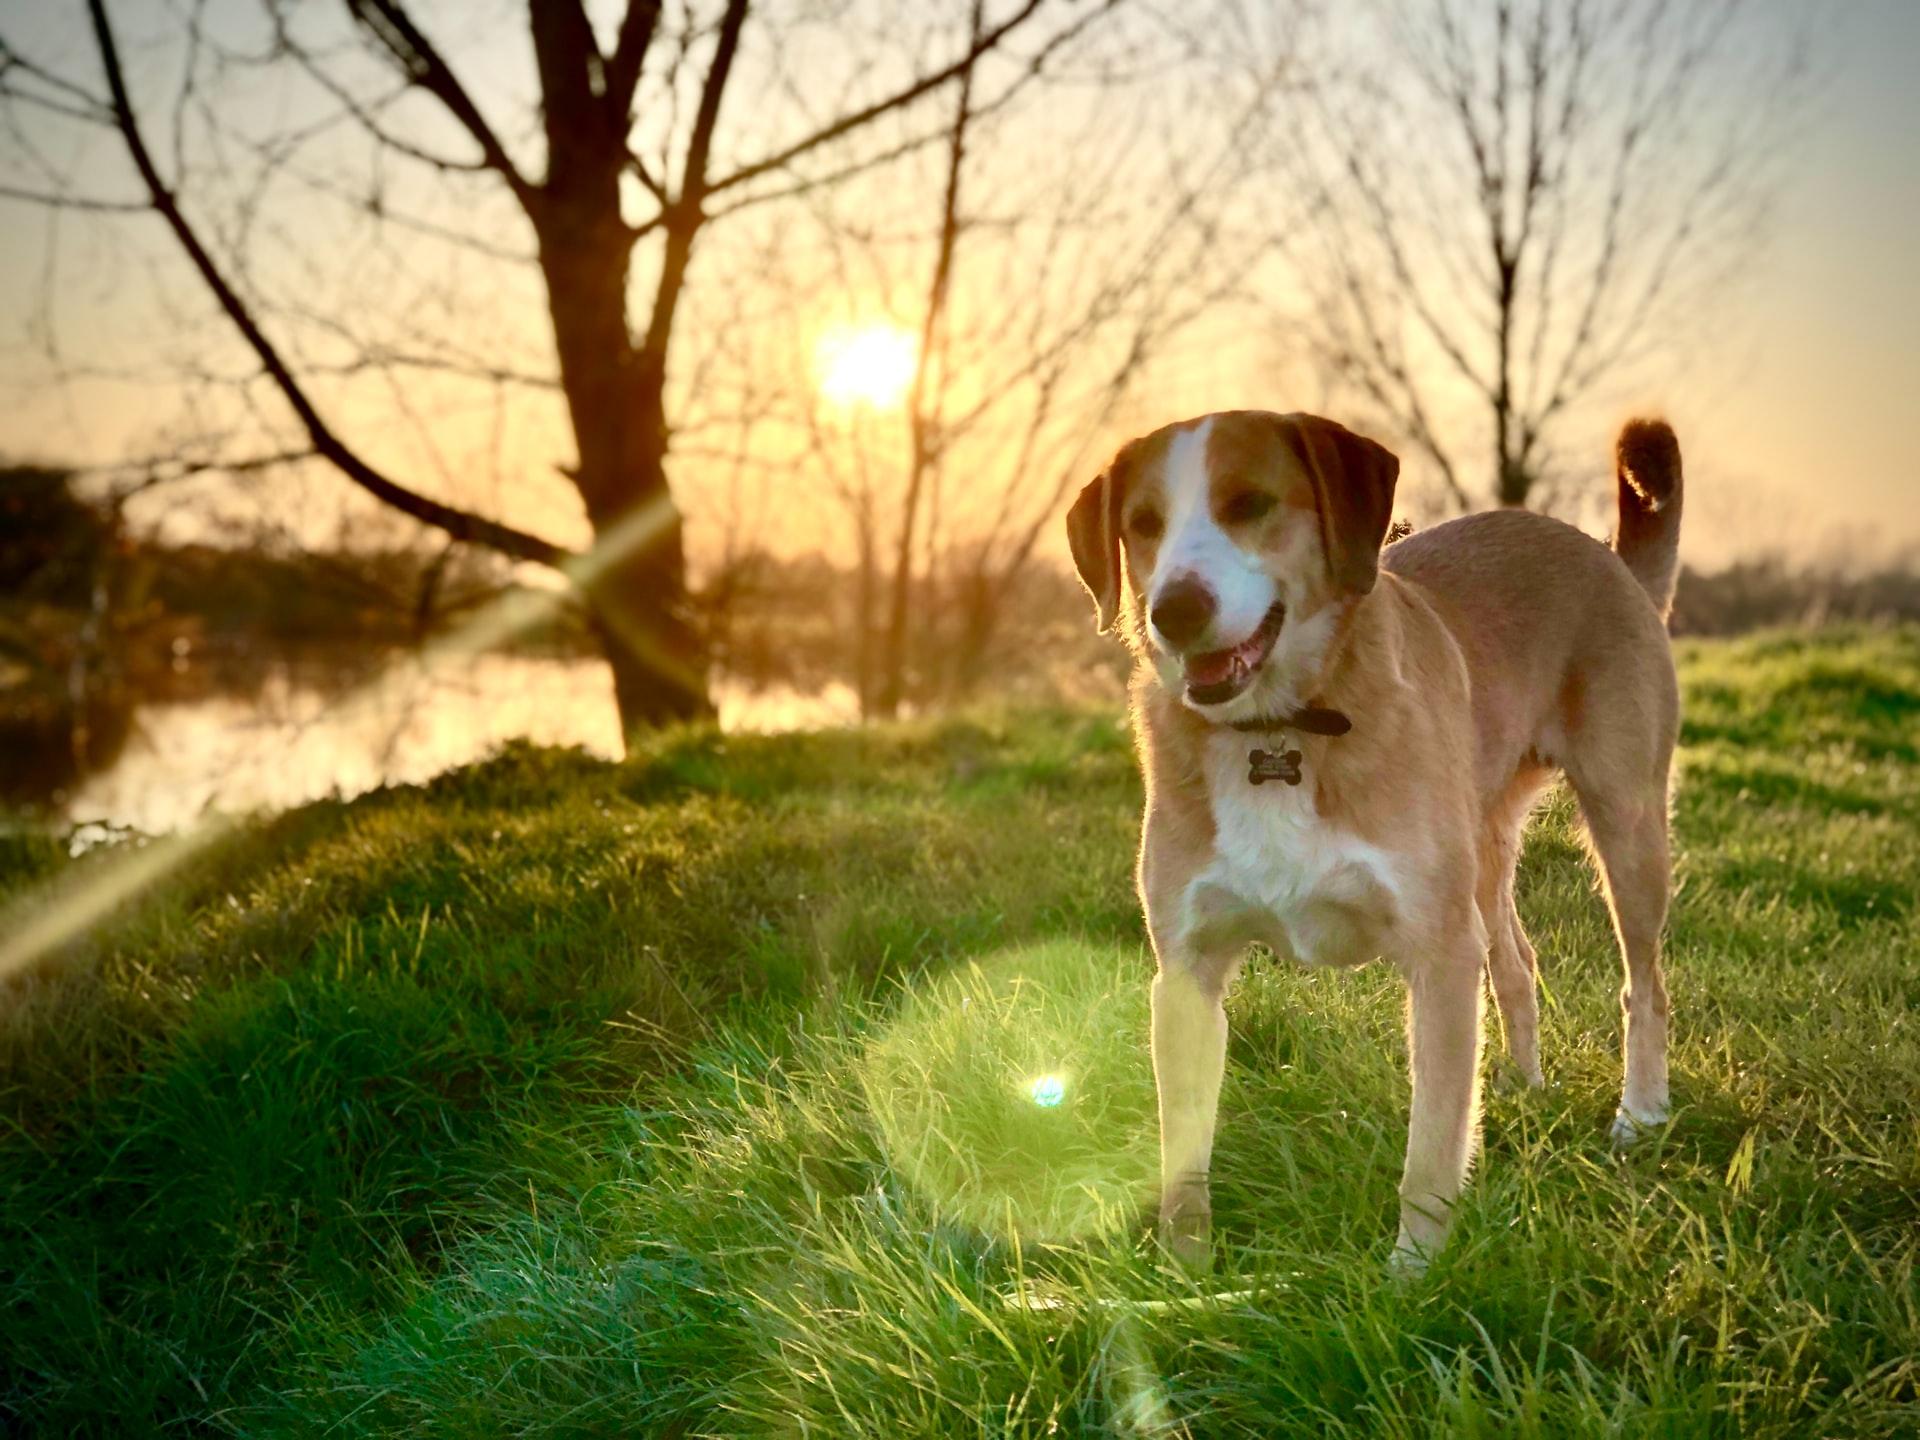 The Beagle Medium Sized Dog Breed